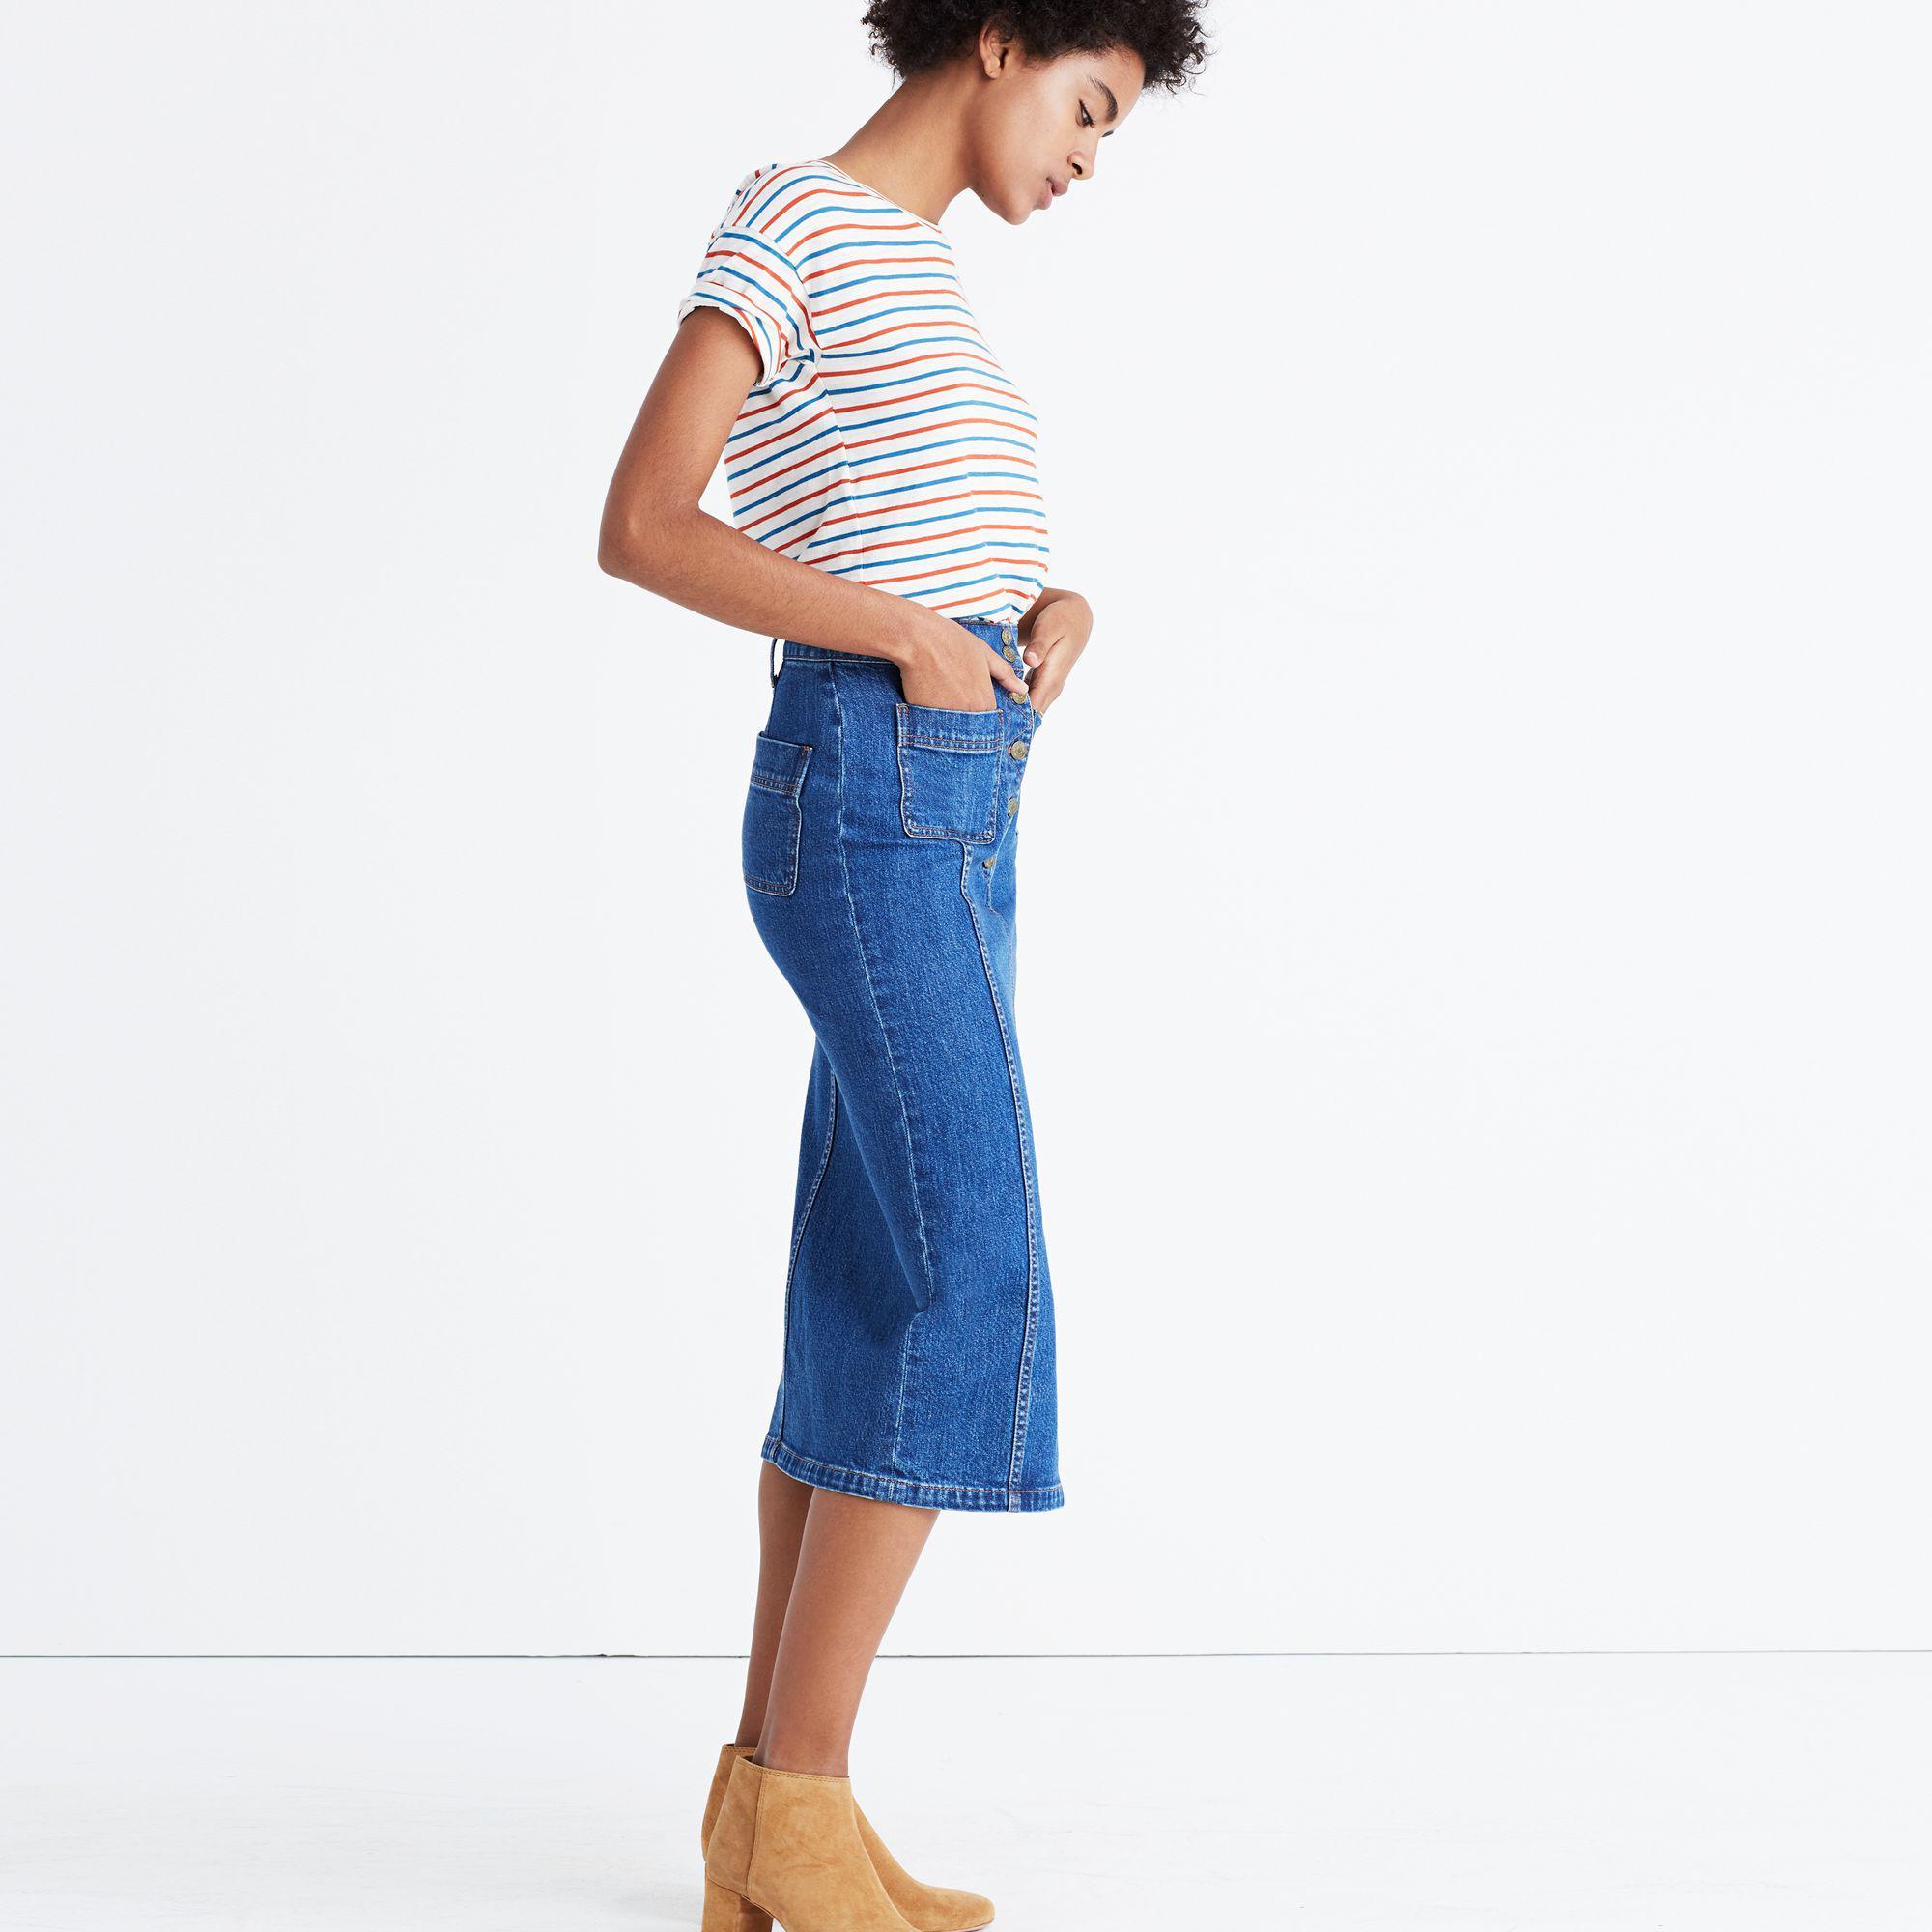 da7a4d5a4d Madewell High-slit Jean Skirt in Blue - Lyst